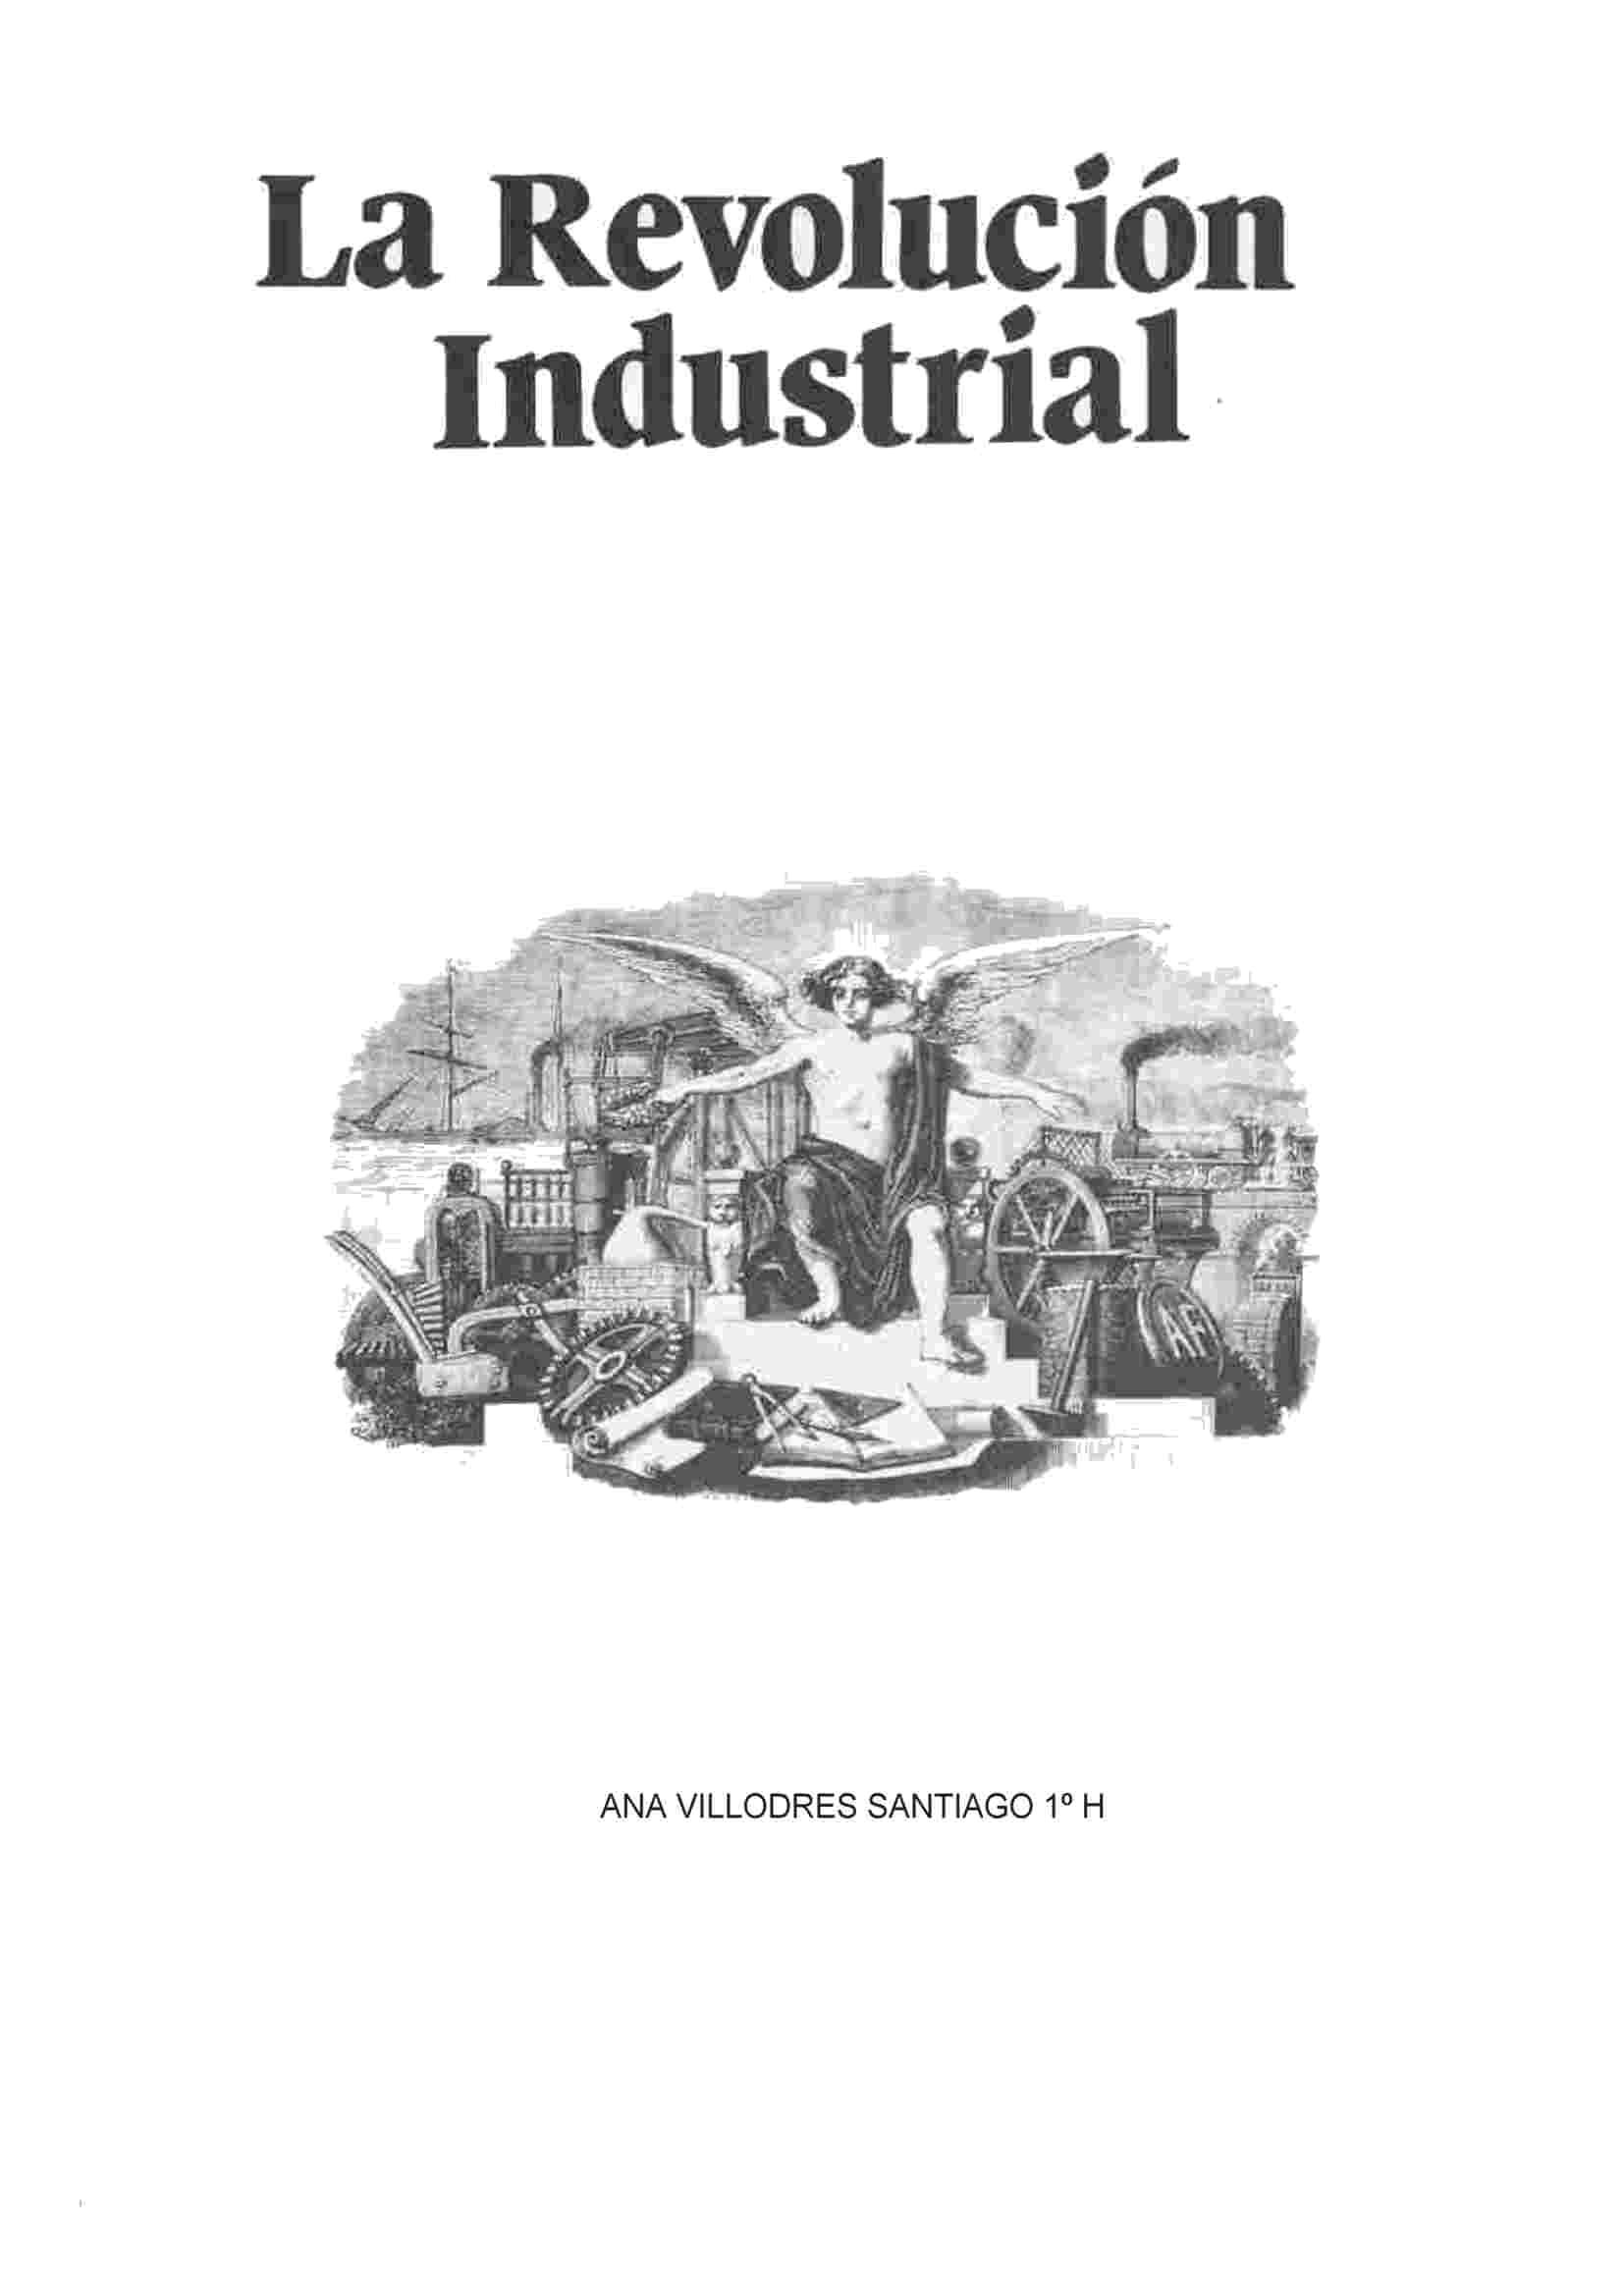 'Antecedentes y desarrollo de la Primera Revolución Industrial'